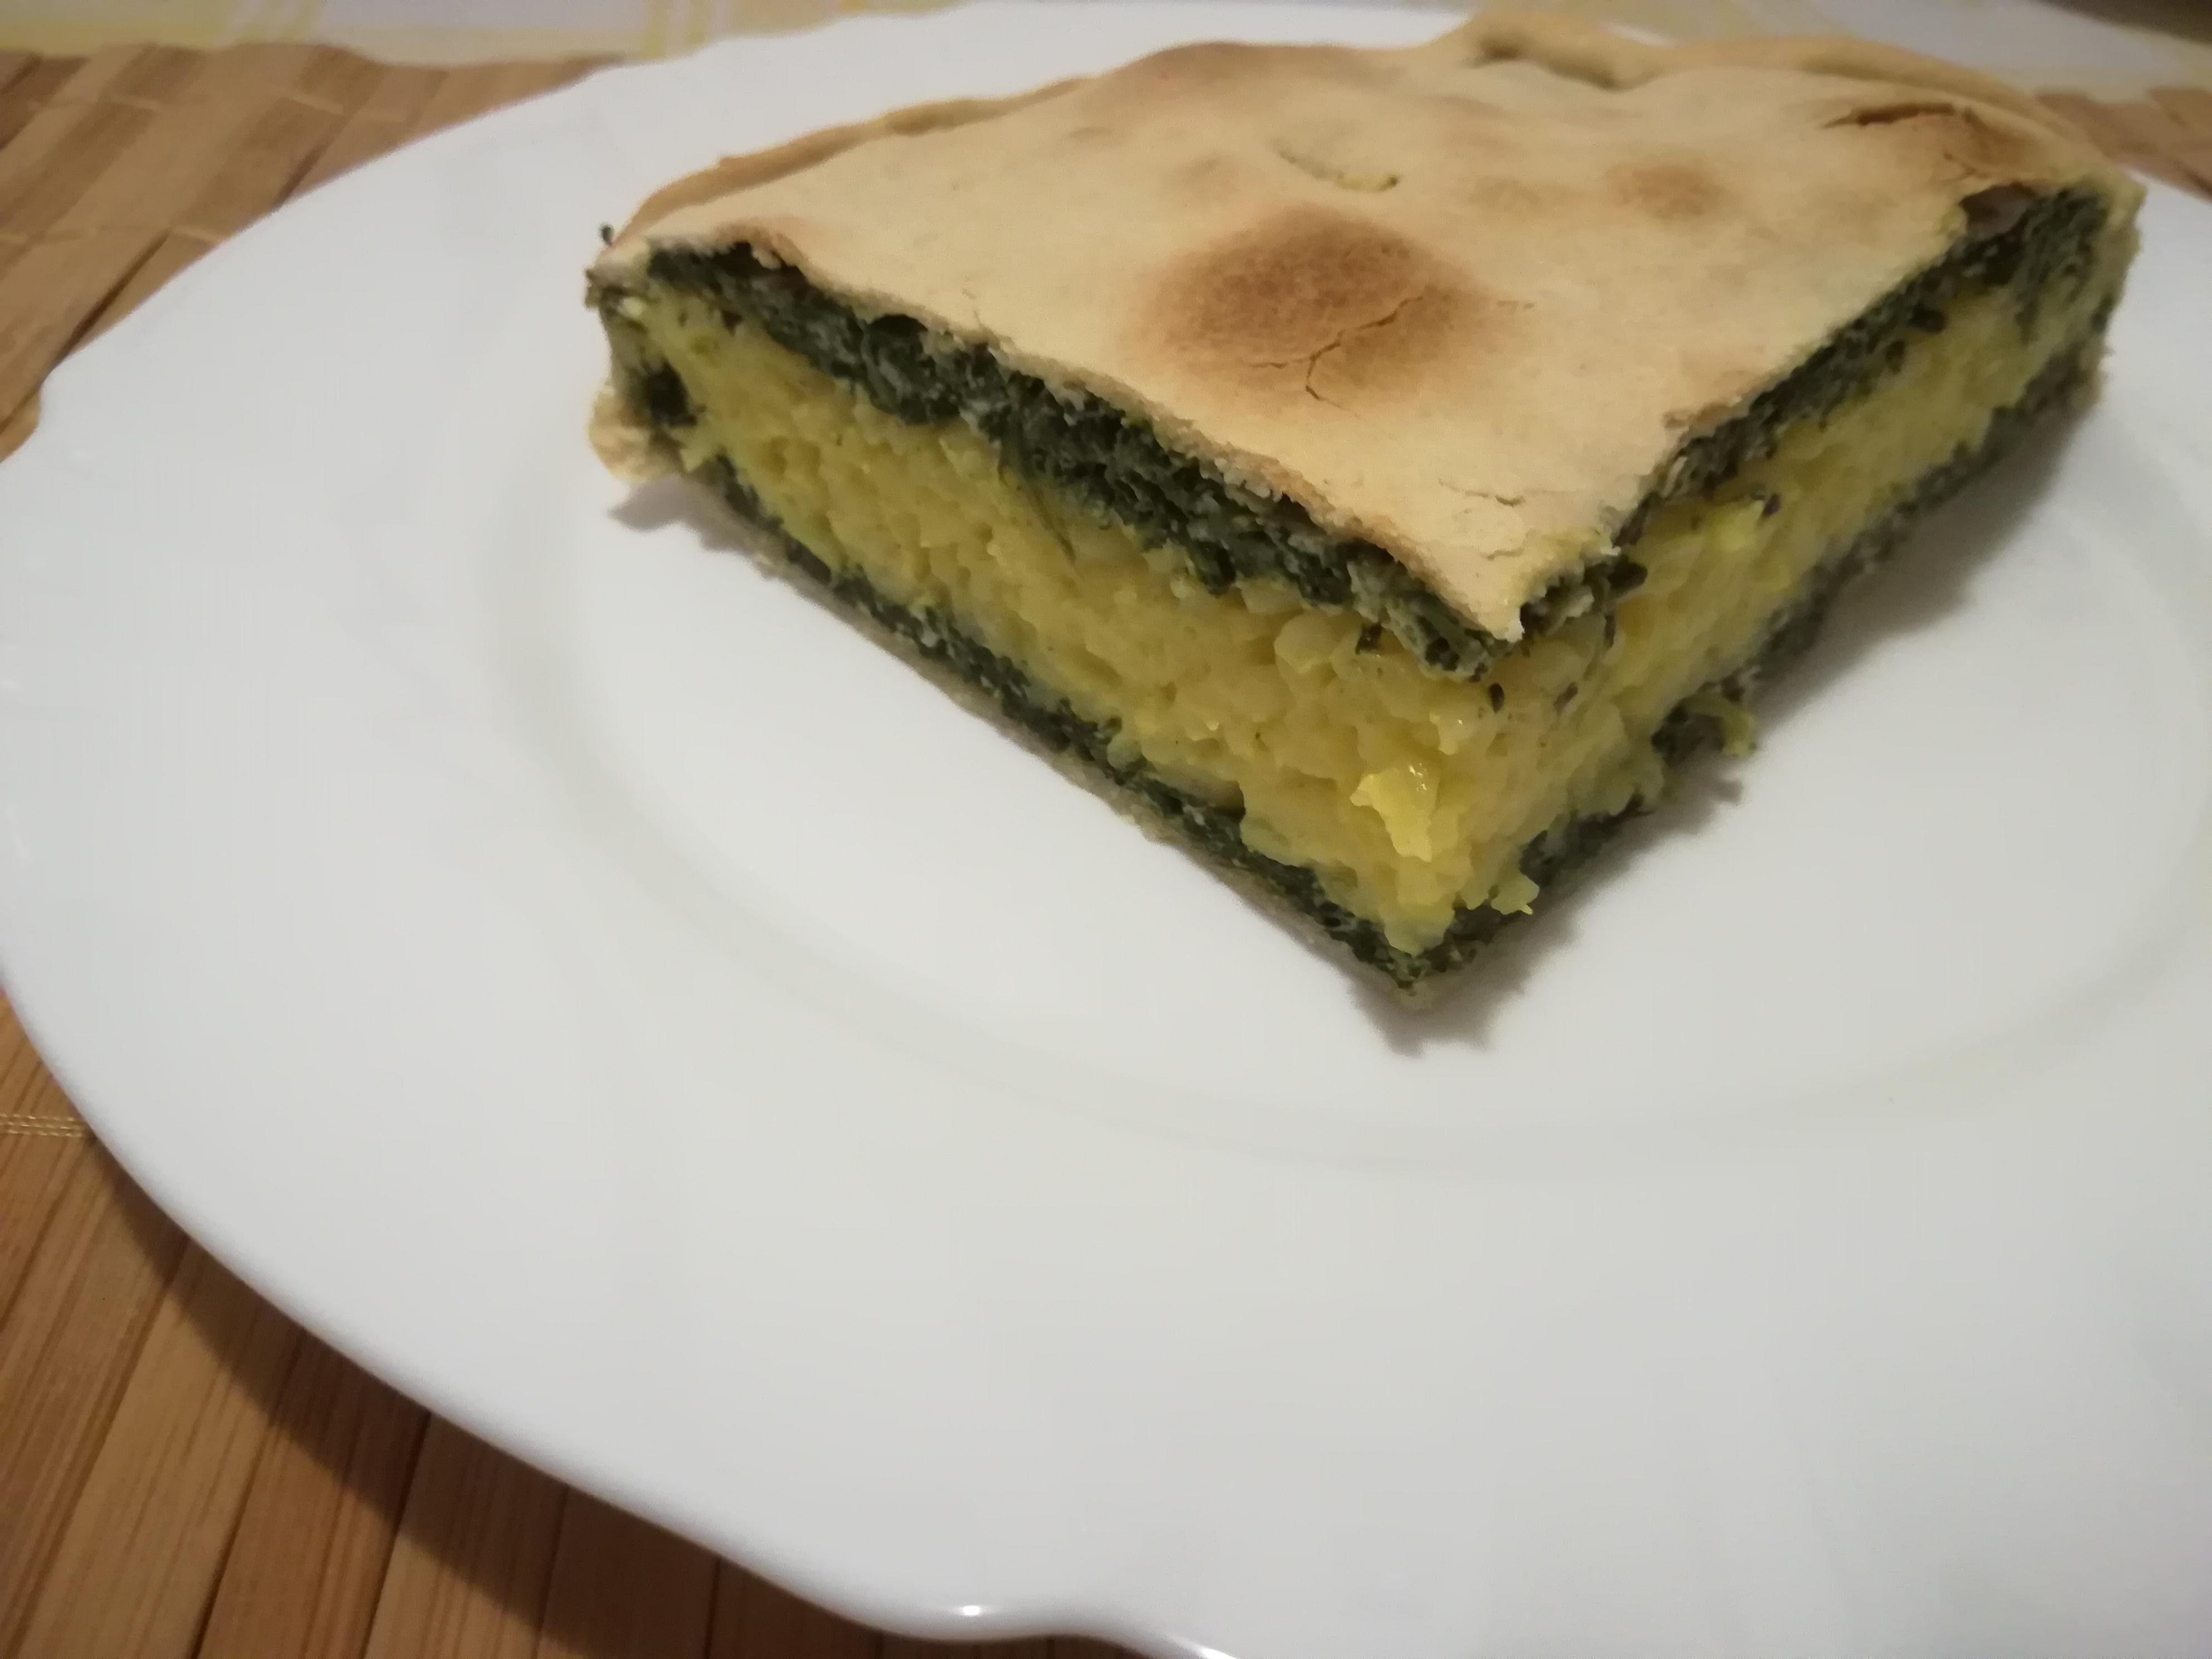 Torta salata bicolore con spinaci e riso